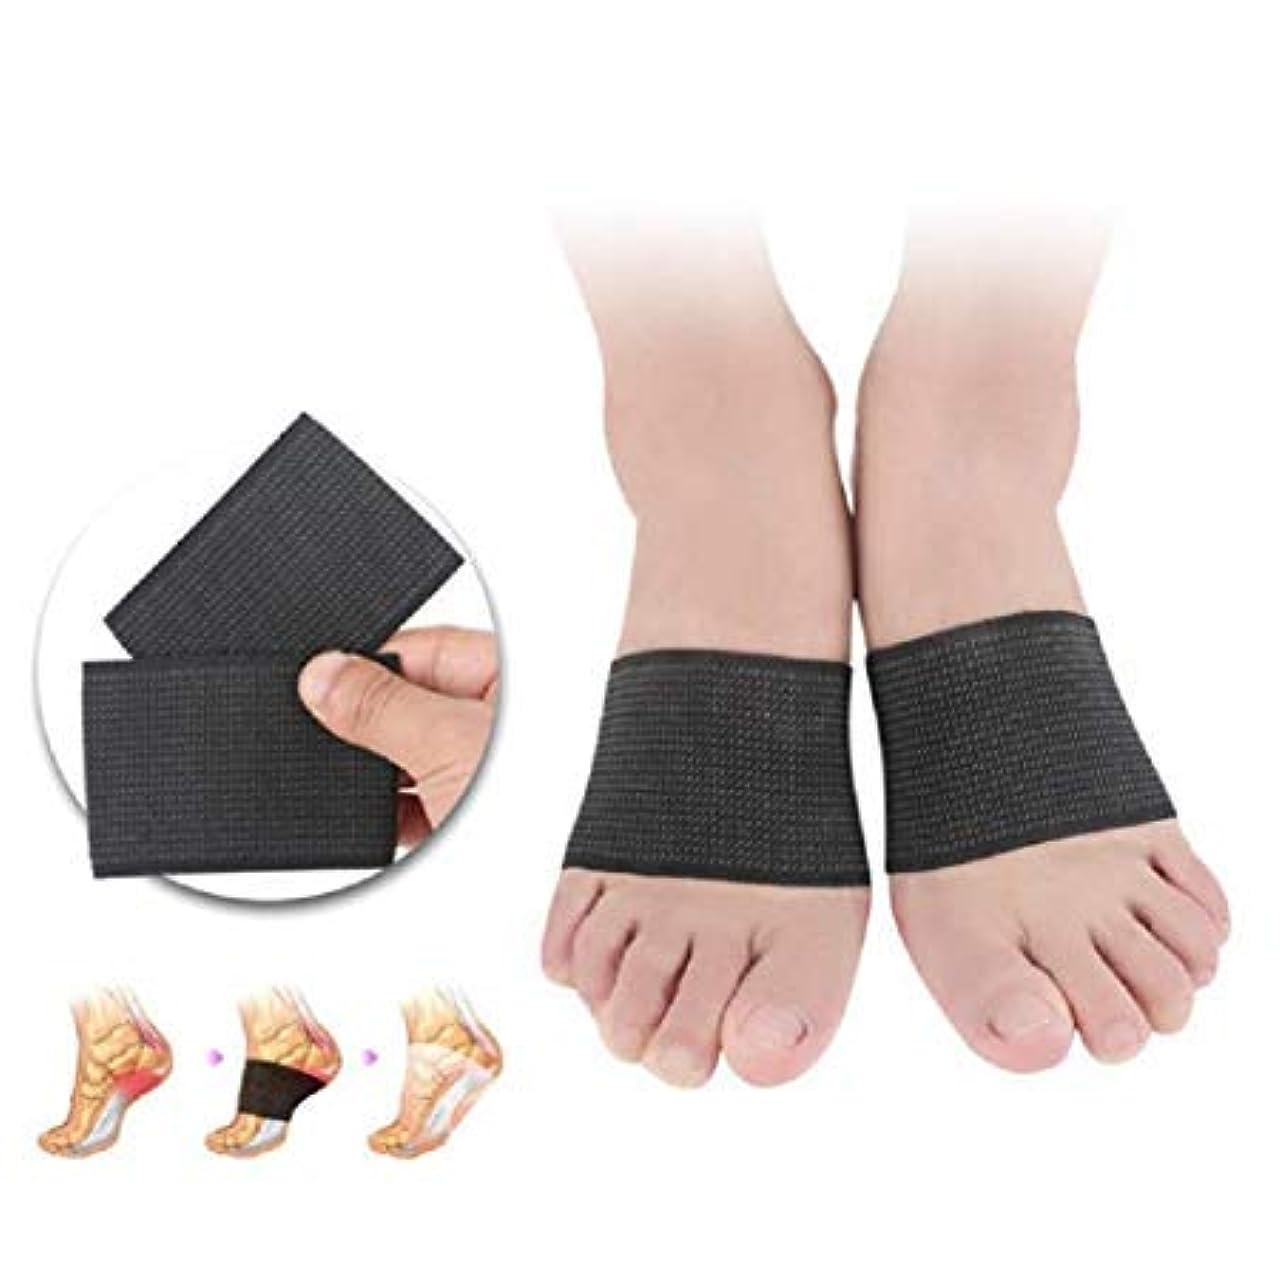 あご失望目に見える1足/足のケアツール、足の筋膜炎のサポート足のケア、足の痛み、フラットボウサポート、足底筋膜炎のサポート、マッサージ整形外科用インソール